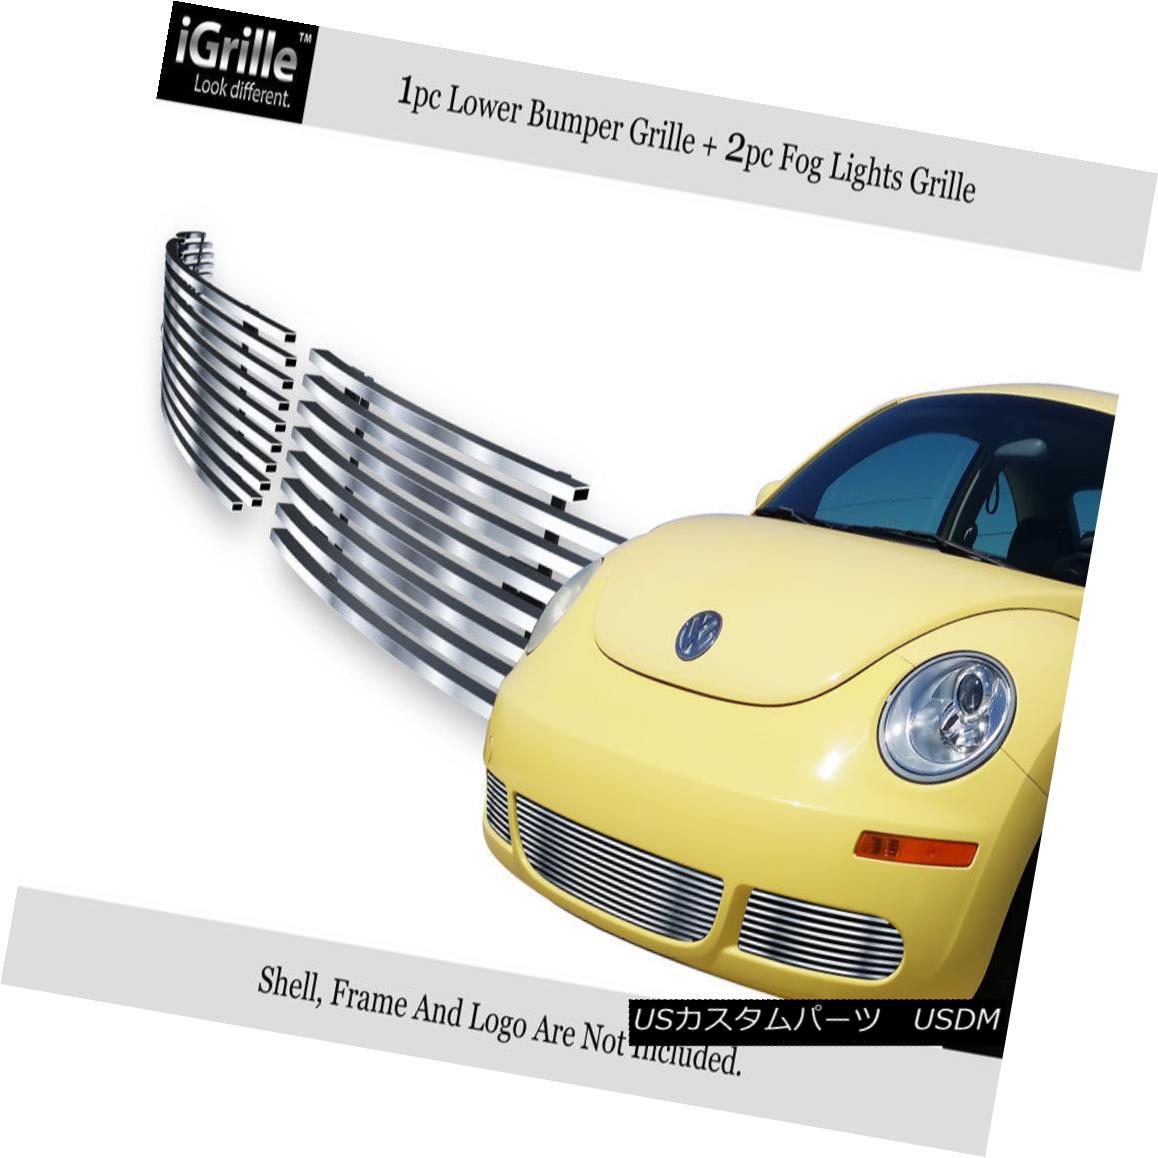 グリル Fits 06-11 2011 VW Volkswagen Beetle Bumper Stainless Steel Billet Grille フィット2011年6月11日VWフォルクスワーゲンビートルバンパーステンレス鋼ビレットグリル